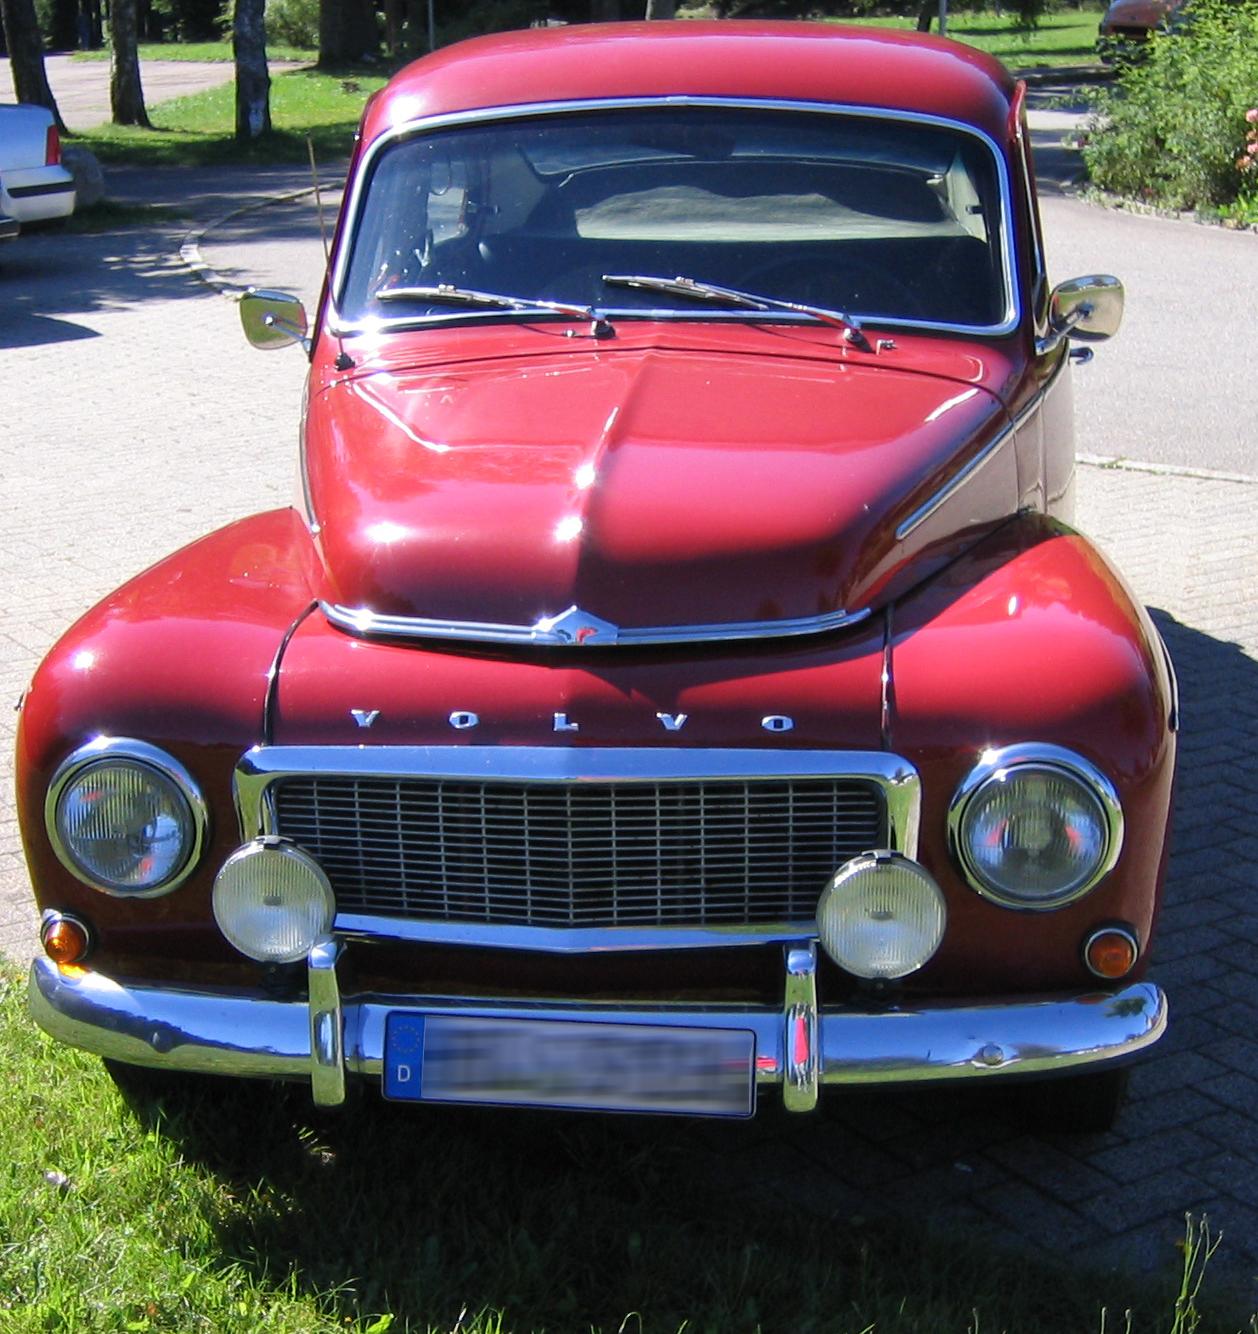 Volvo_PV544_3107.jpg